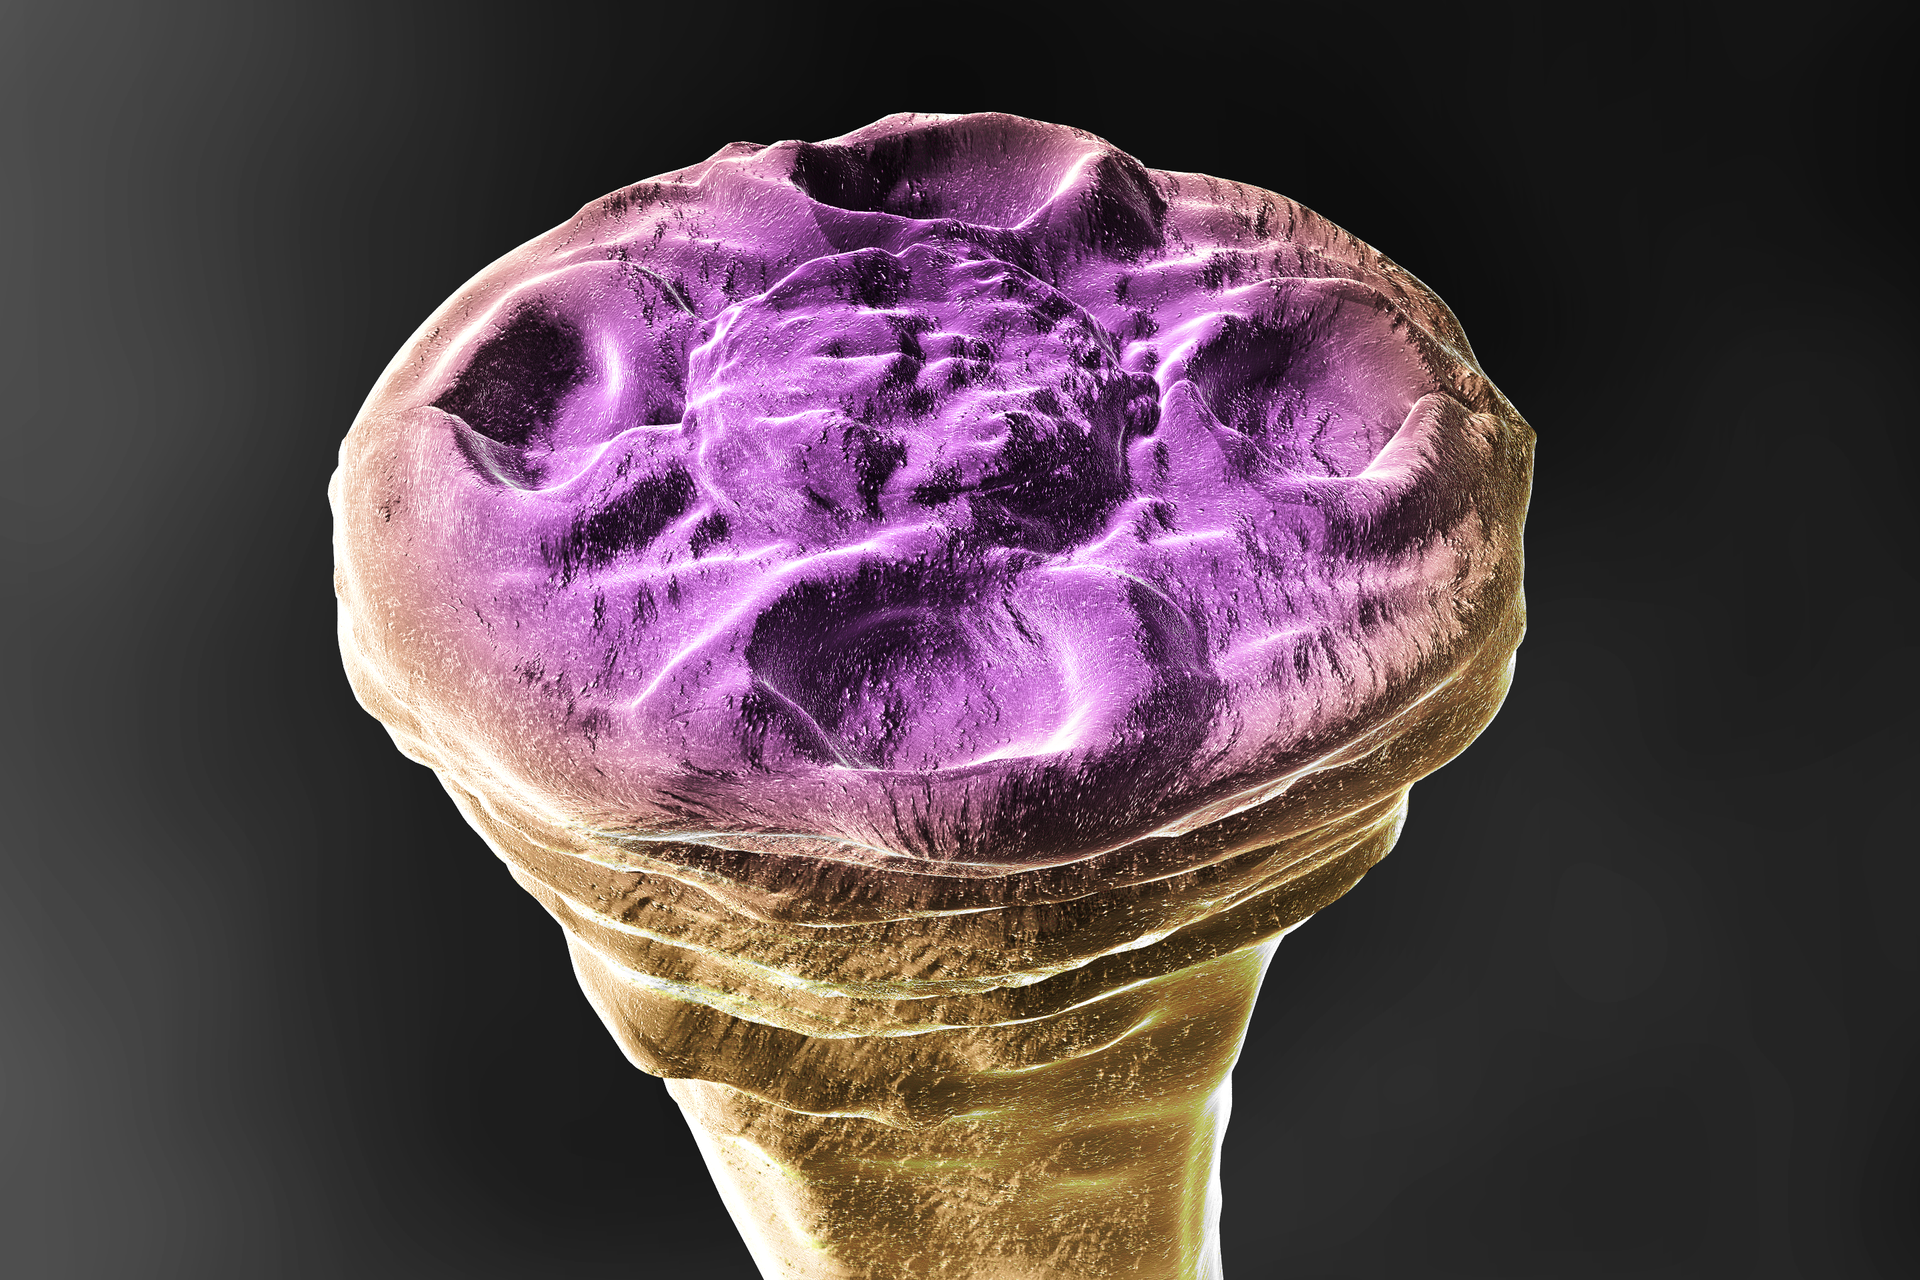 3 – główka tasiemca nieuzbrojonego, spłaszczona głowa zczterema przyssawkami